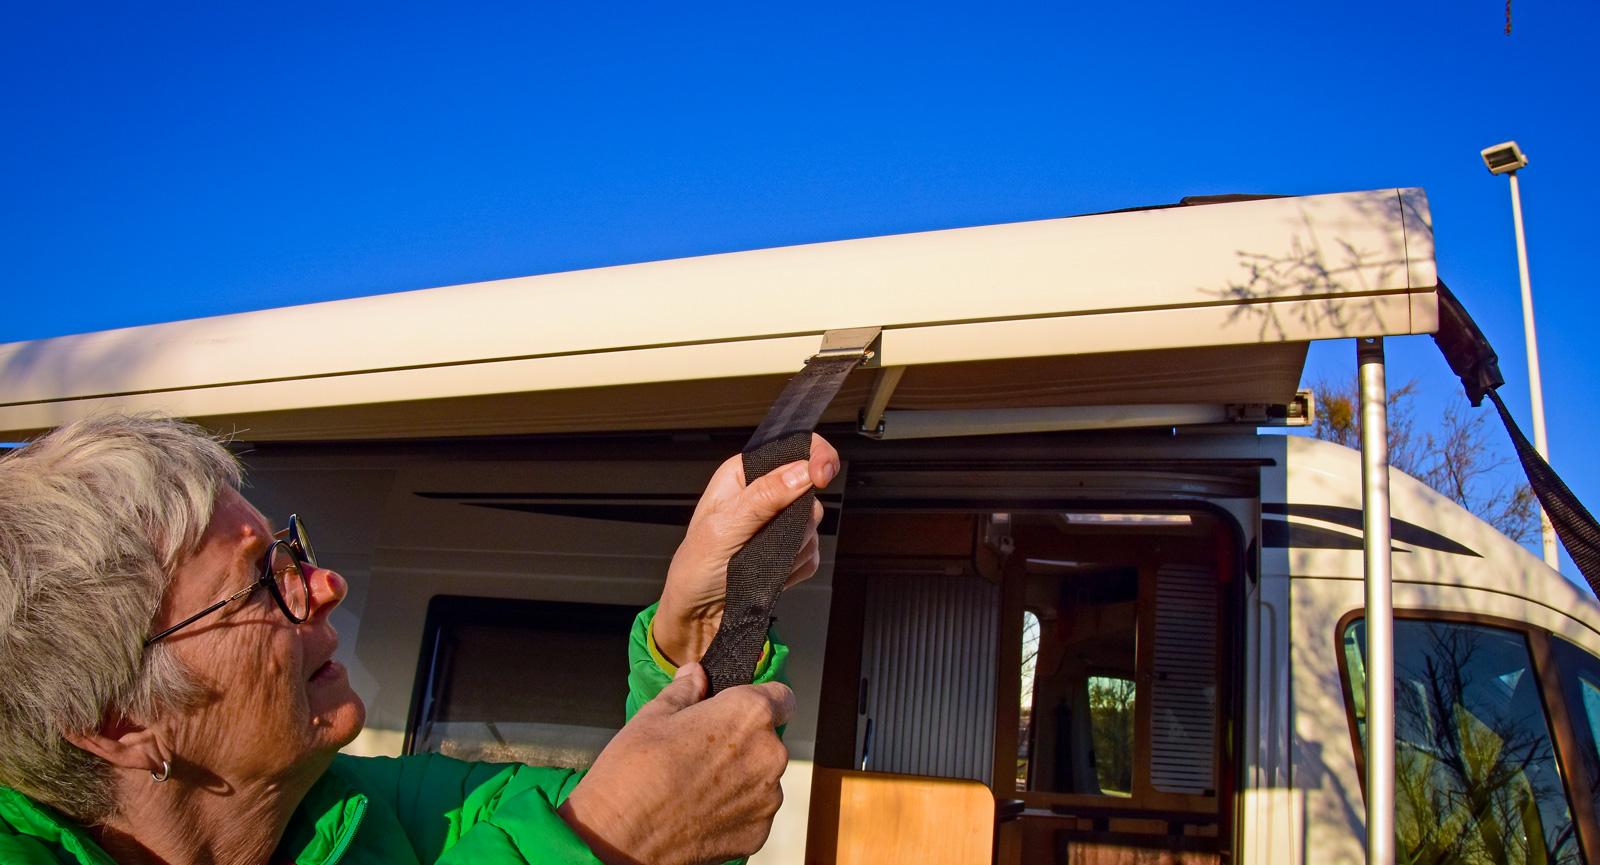 Det finns olika fabrikat av stormsäkringslinor. Den sort vi använder fäster vi i ett spår i markisen. På markiser till större husbilar finns ett extra mittstag som ger mer stadga i duken.